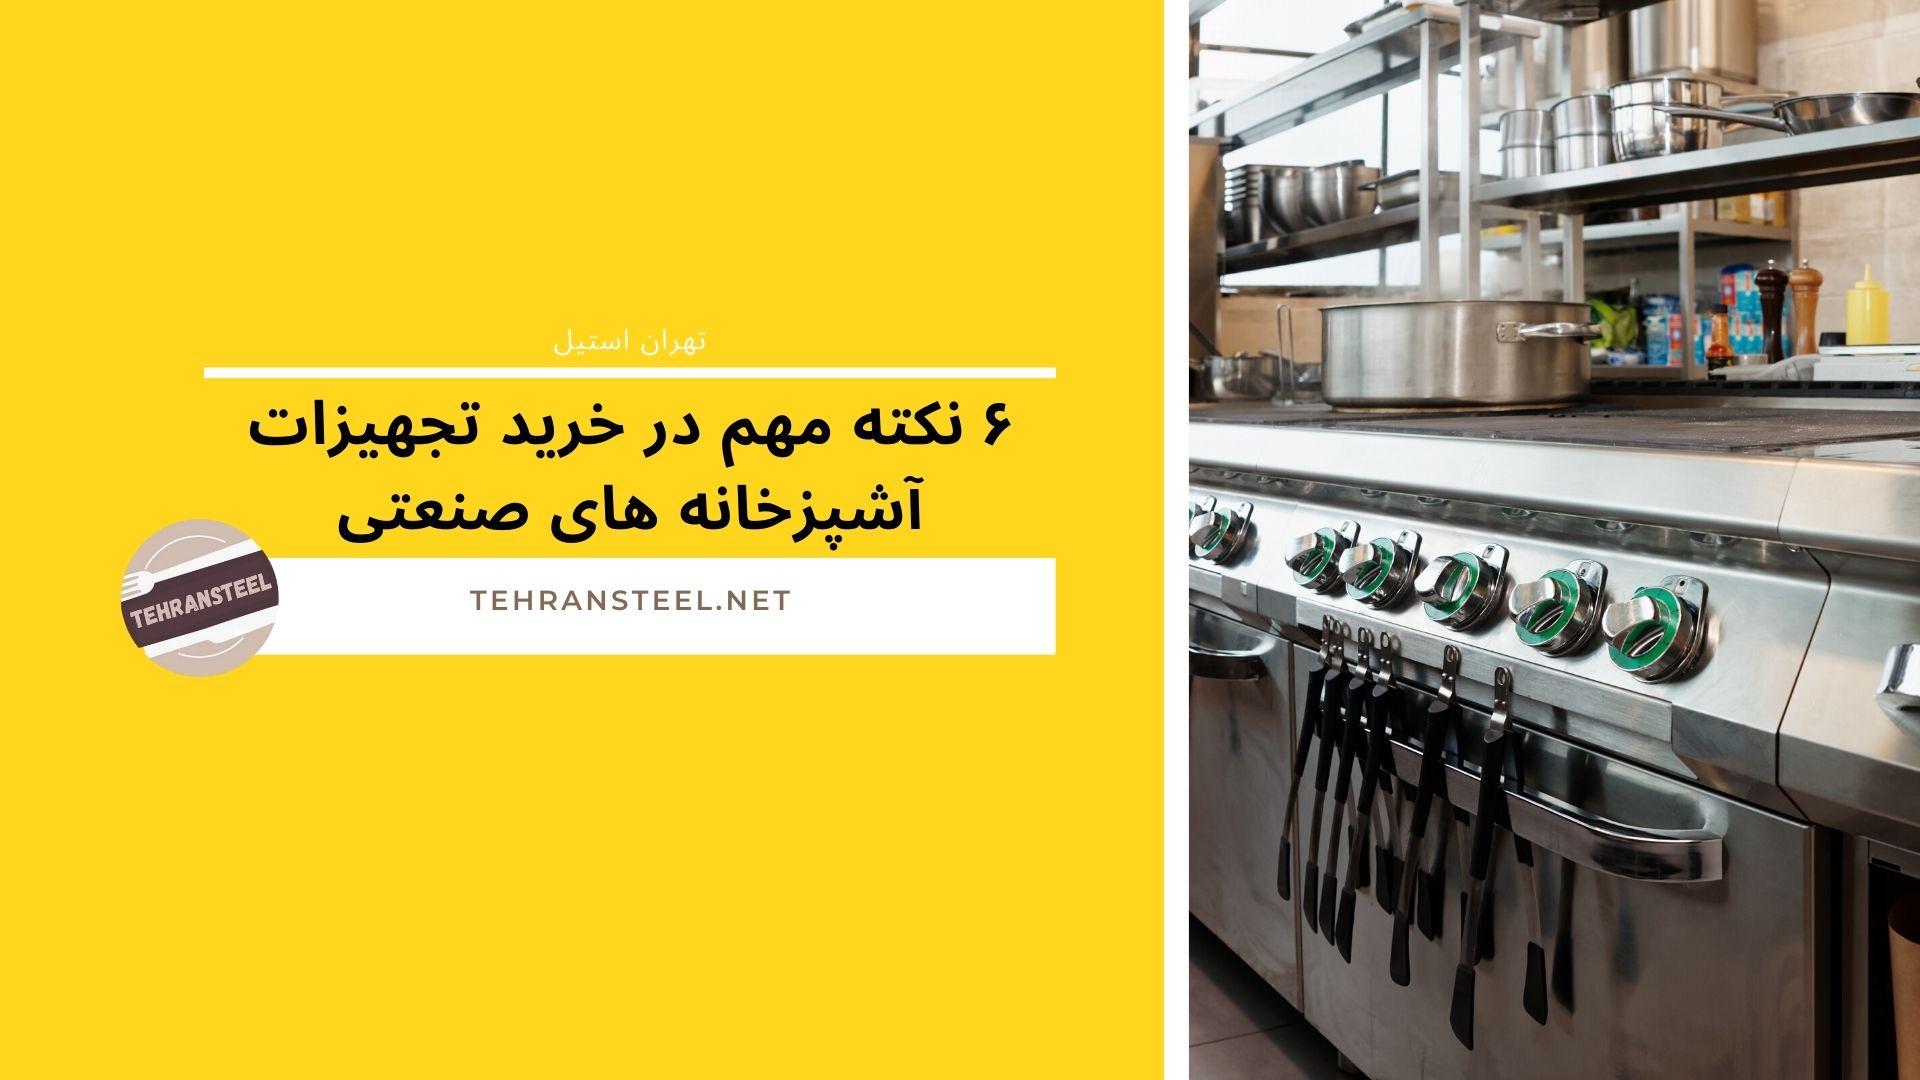 ۶ نکته مهم در خرید تجهیزات آشپزخانه های صنعتی